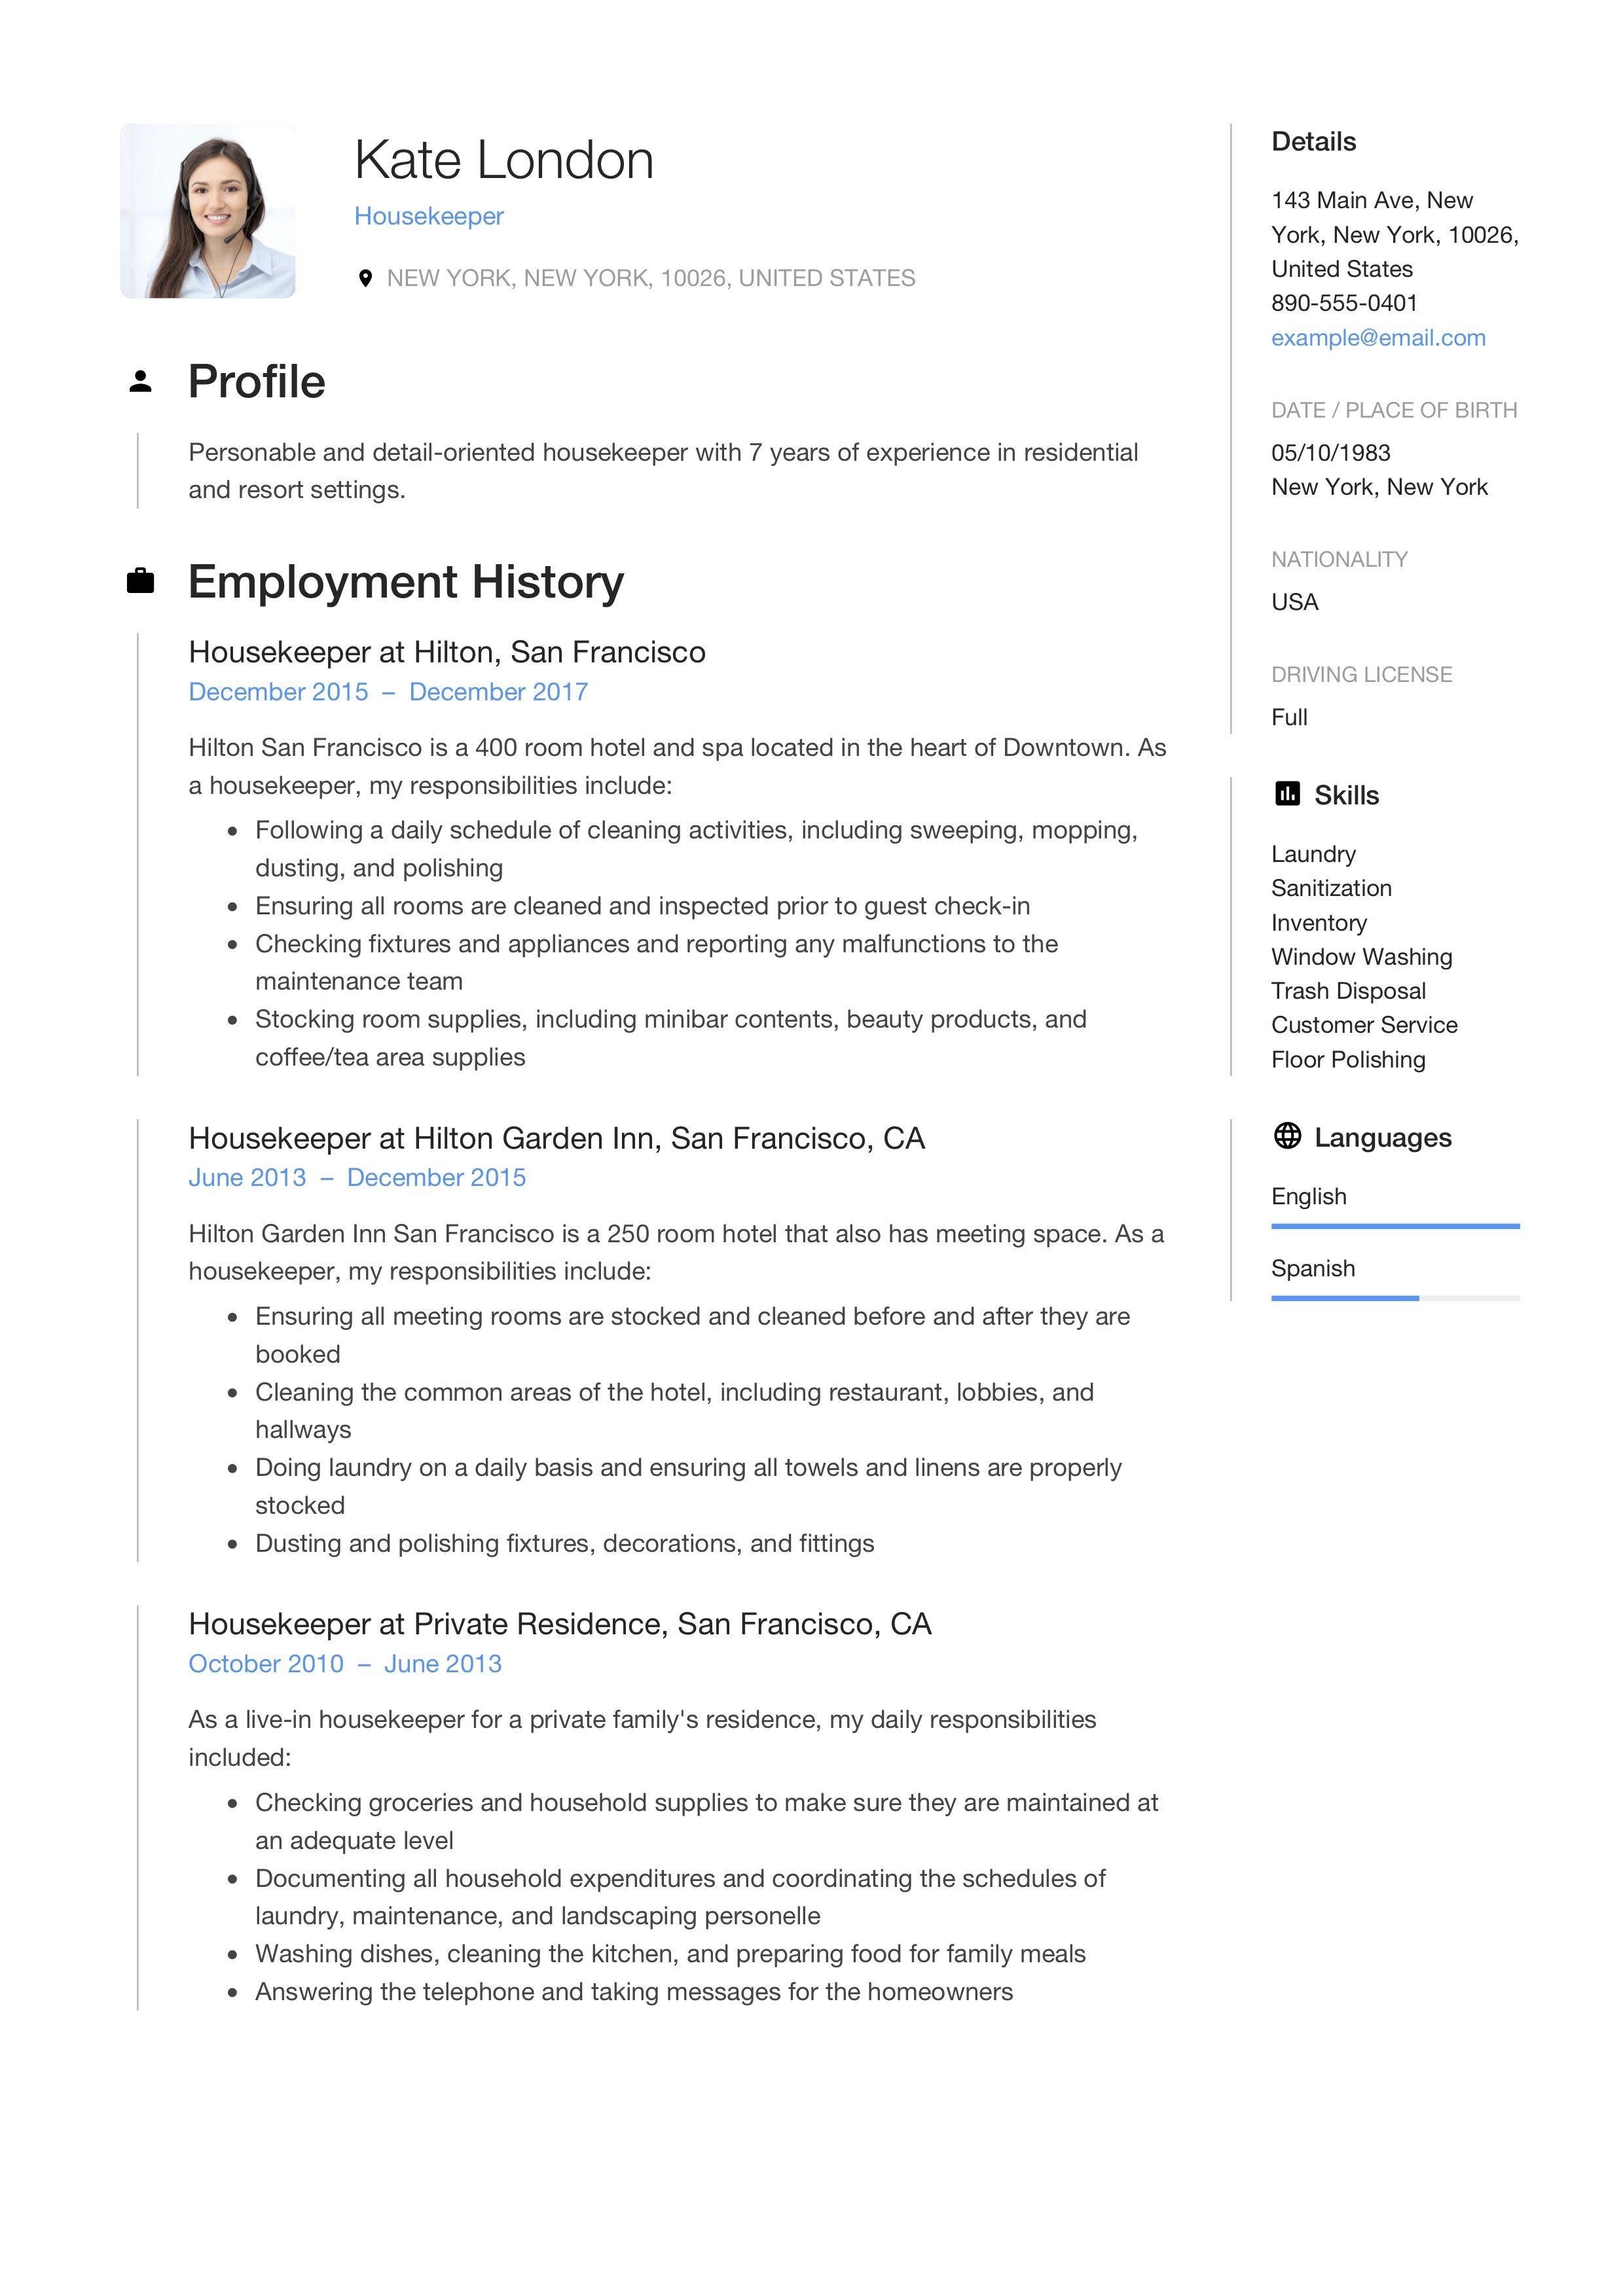 Housekeeper resume template in 2020 resume guide resume